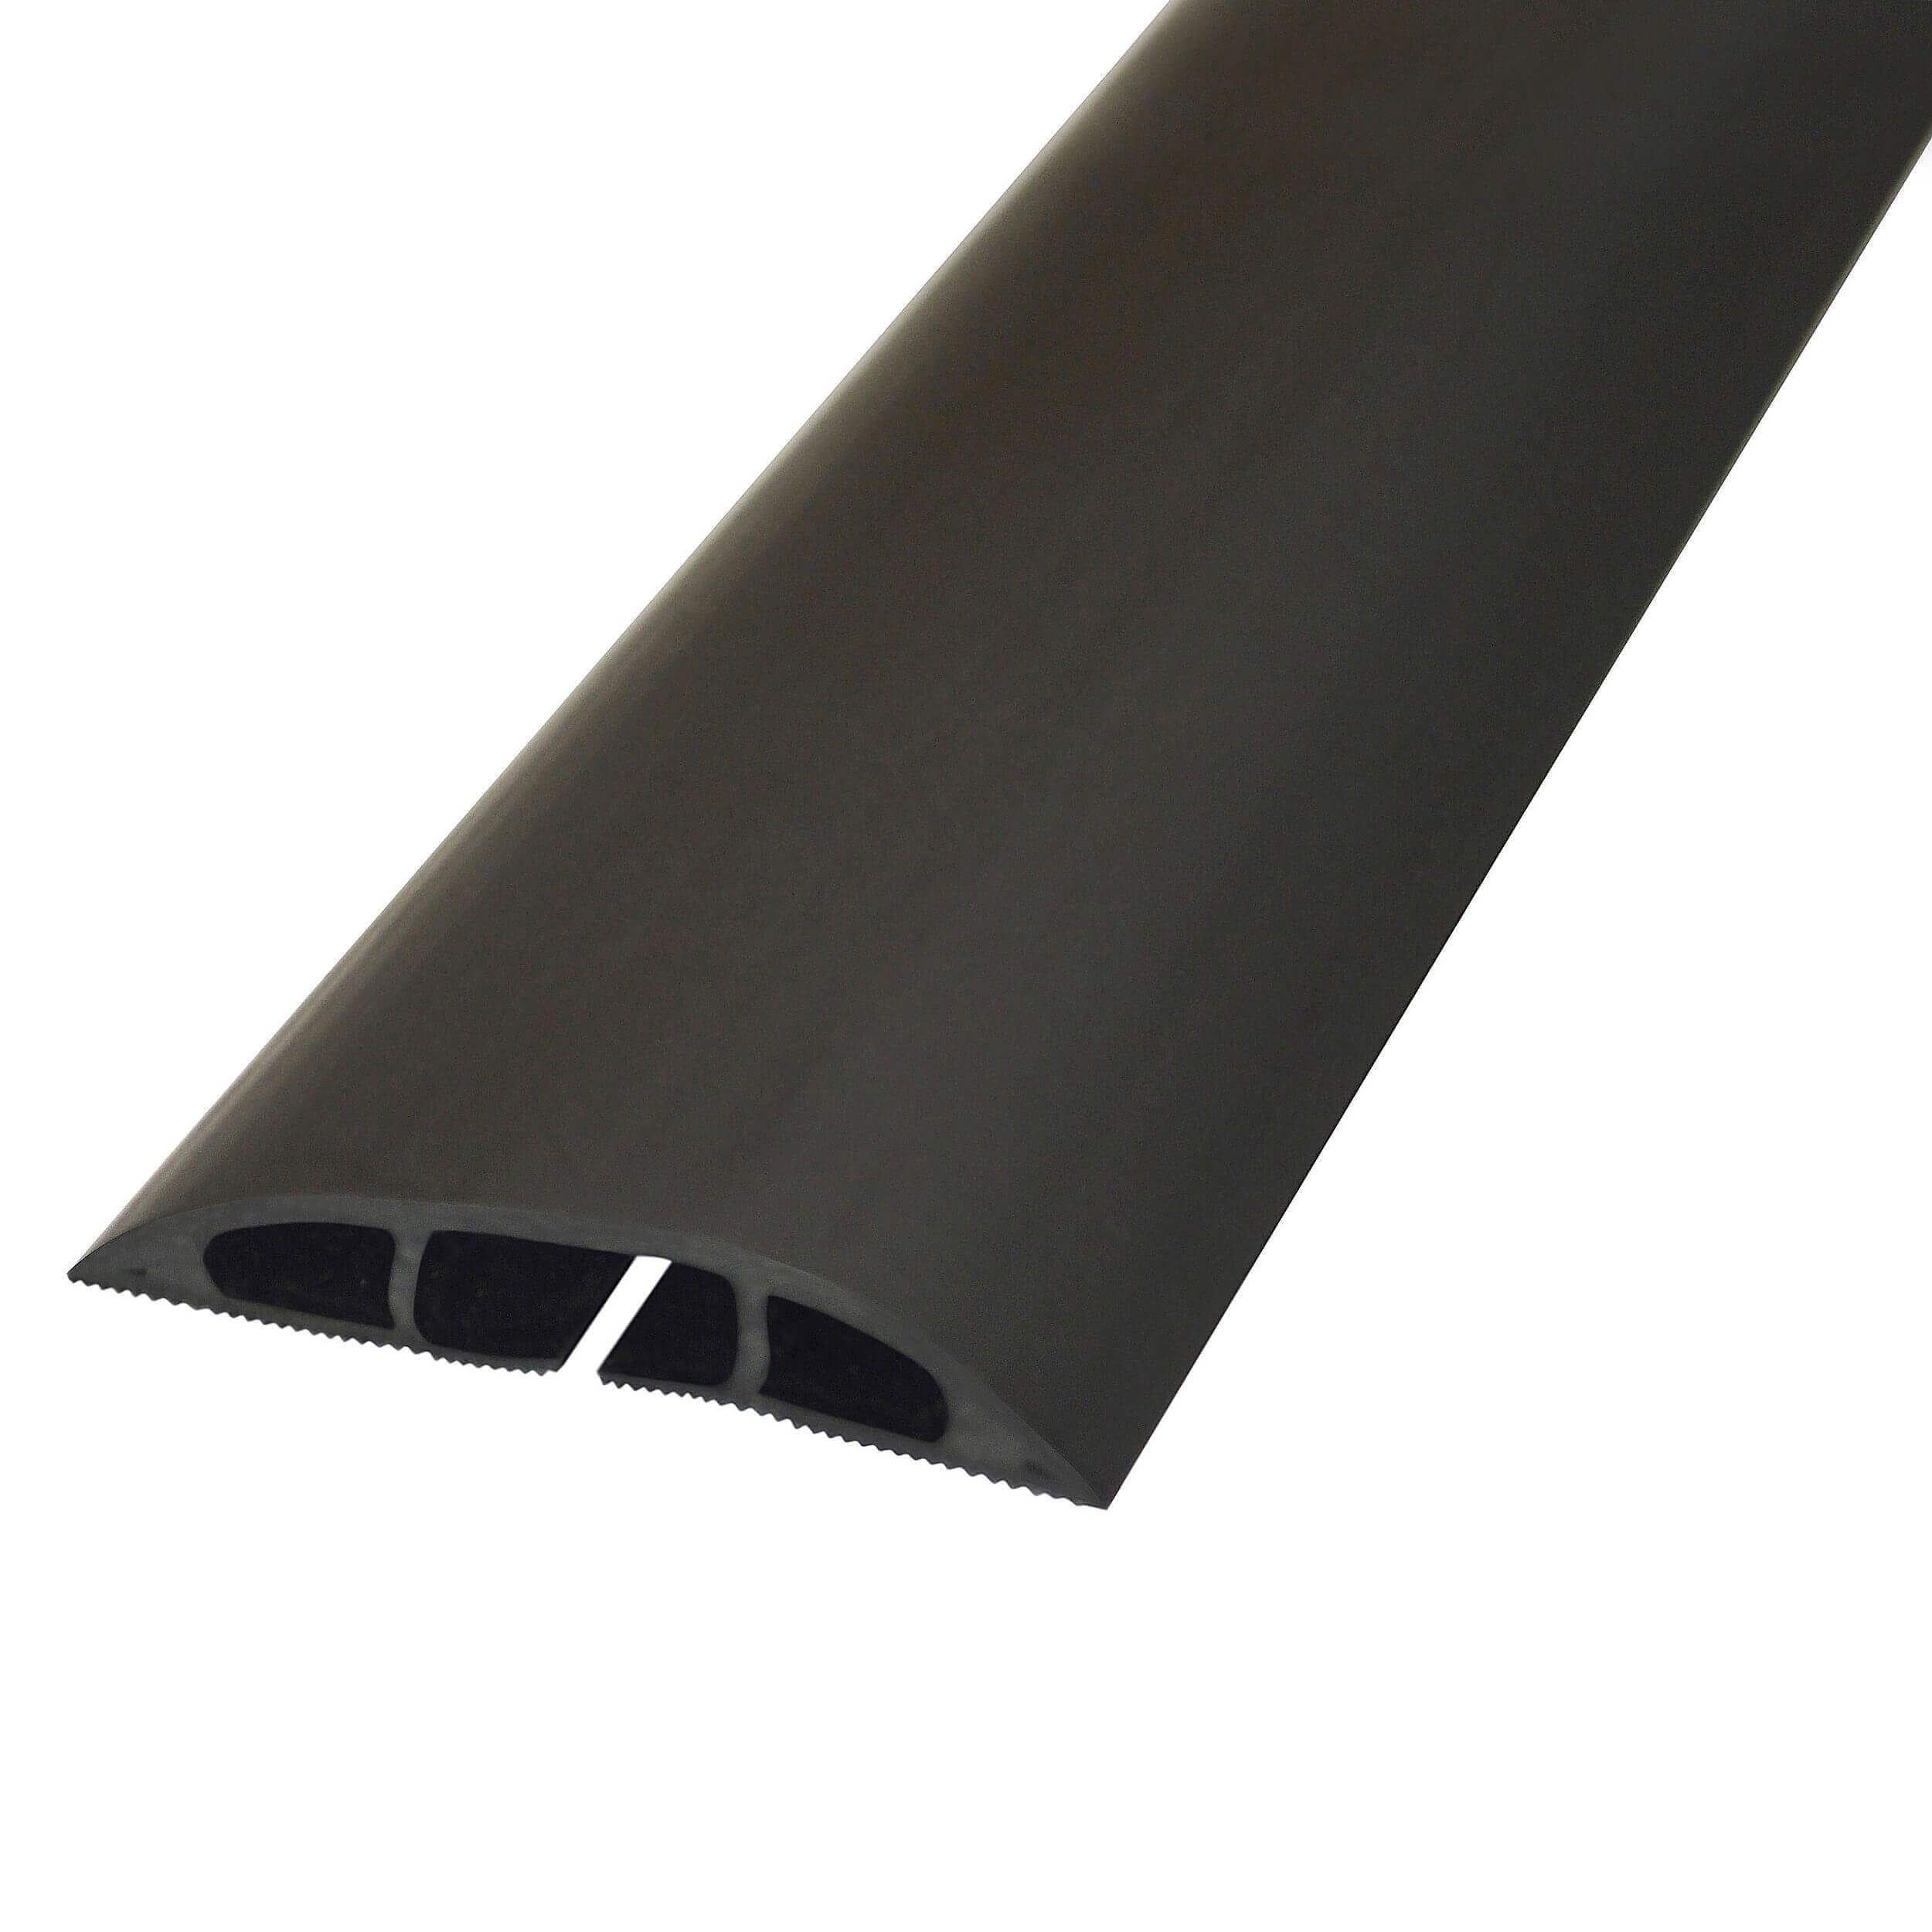 d line kabelkanal gulv pvc 1 8m sort ledninger p re mm. Black Bedroom Furniture Sets. Home Design Ideas